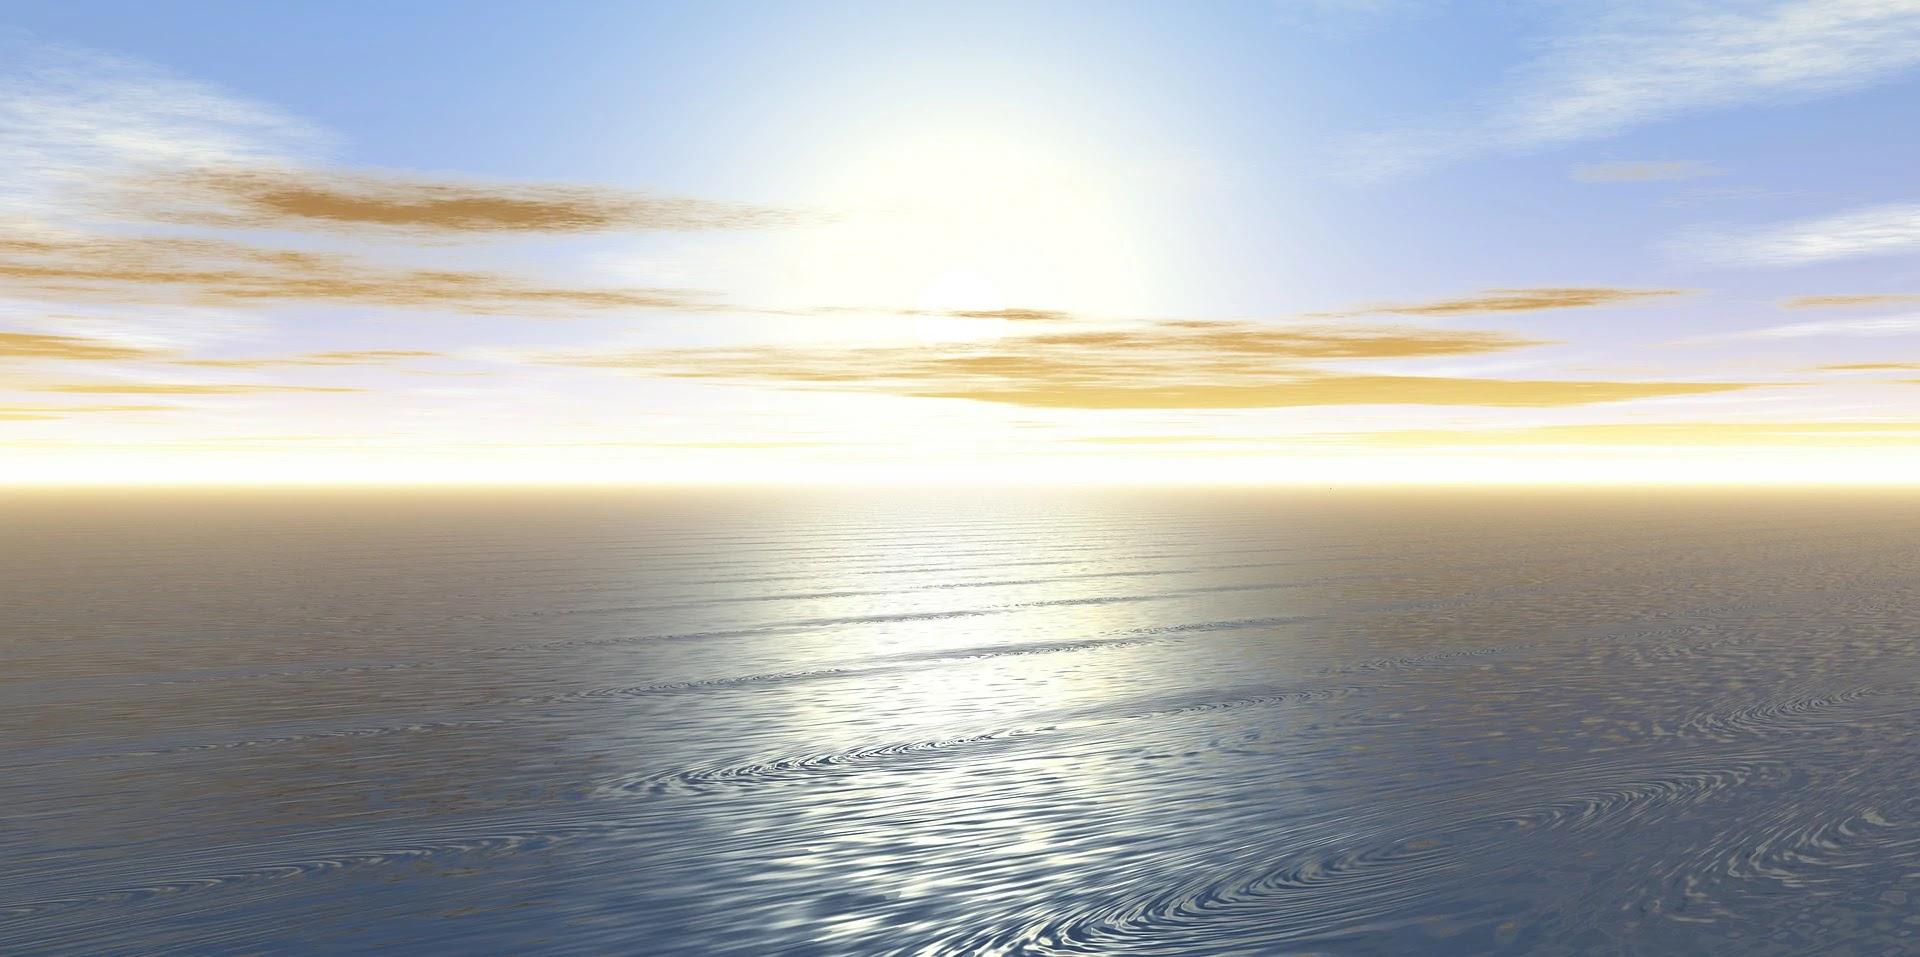 غروب الشمس مع بحر